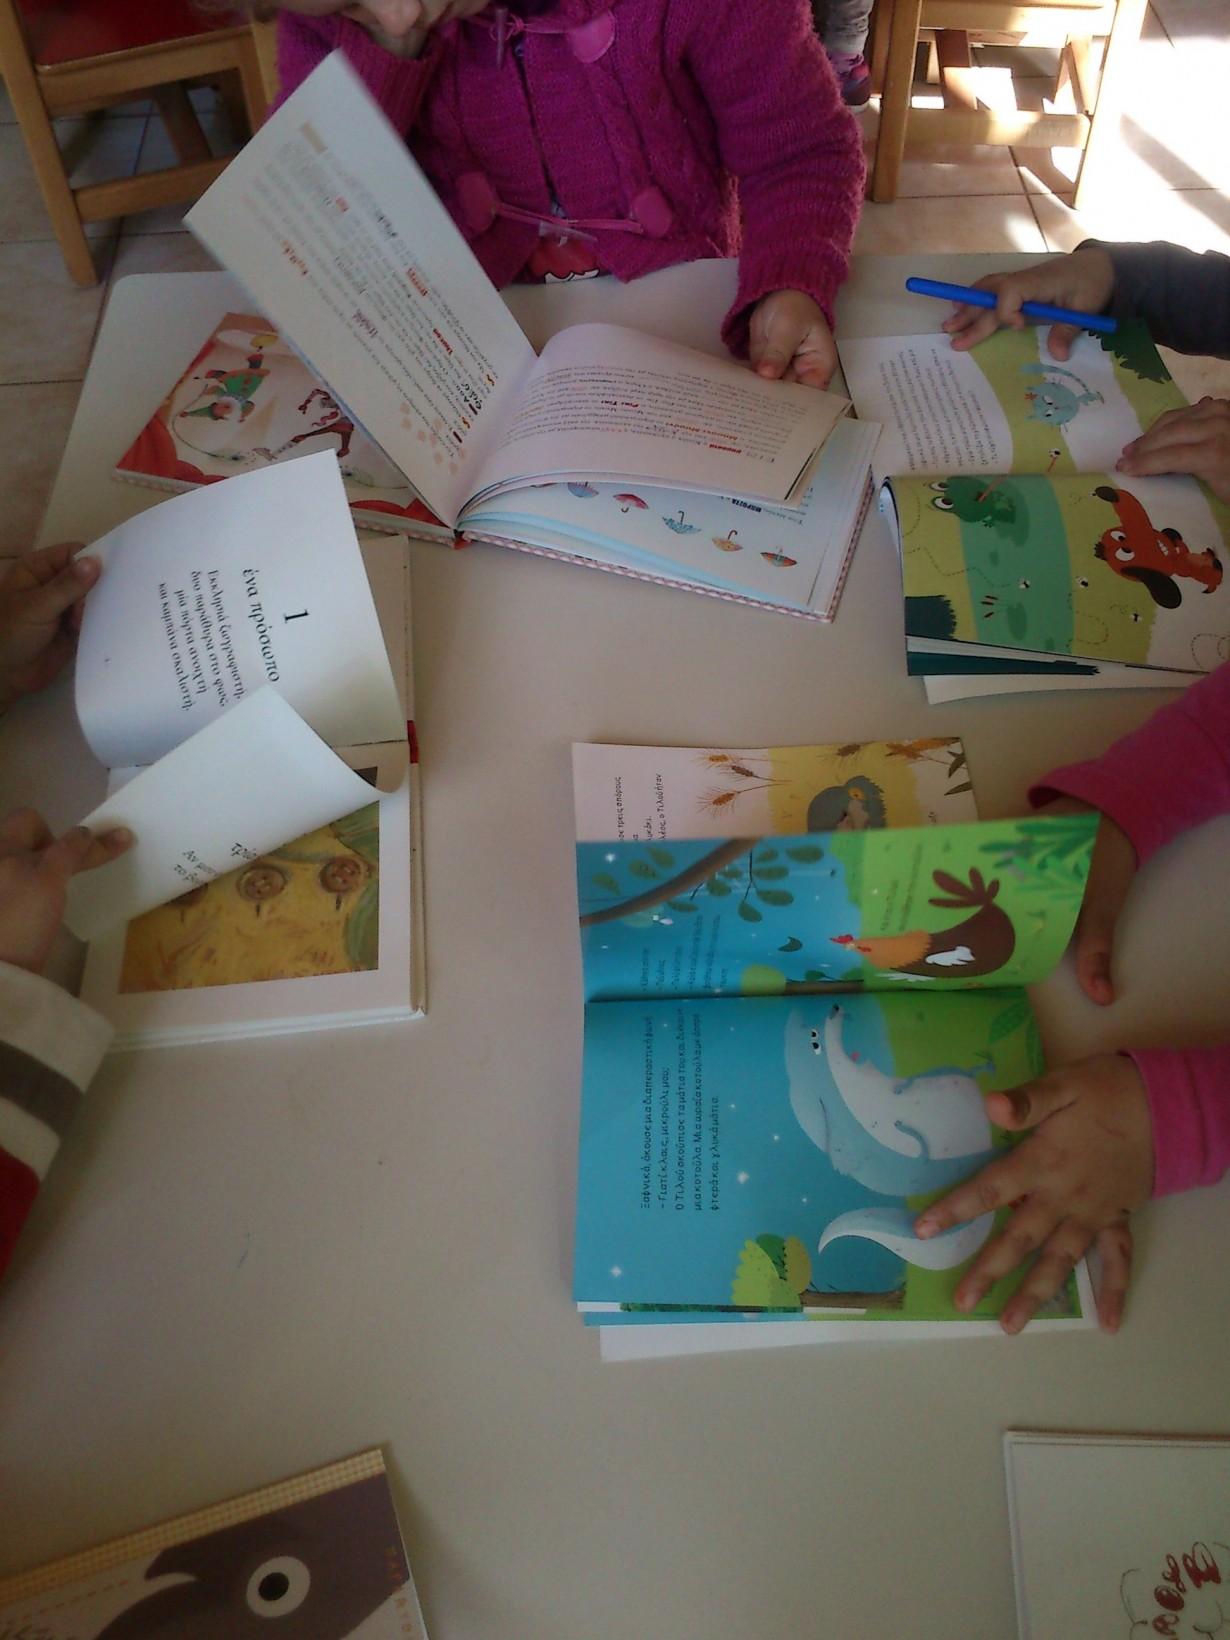 Αποτέλεσμα εικόνας για παιδι διαβαζει παραμυθι